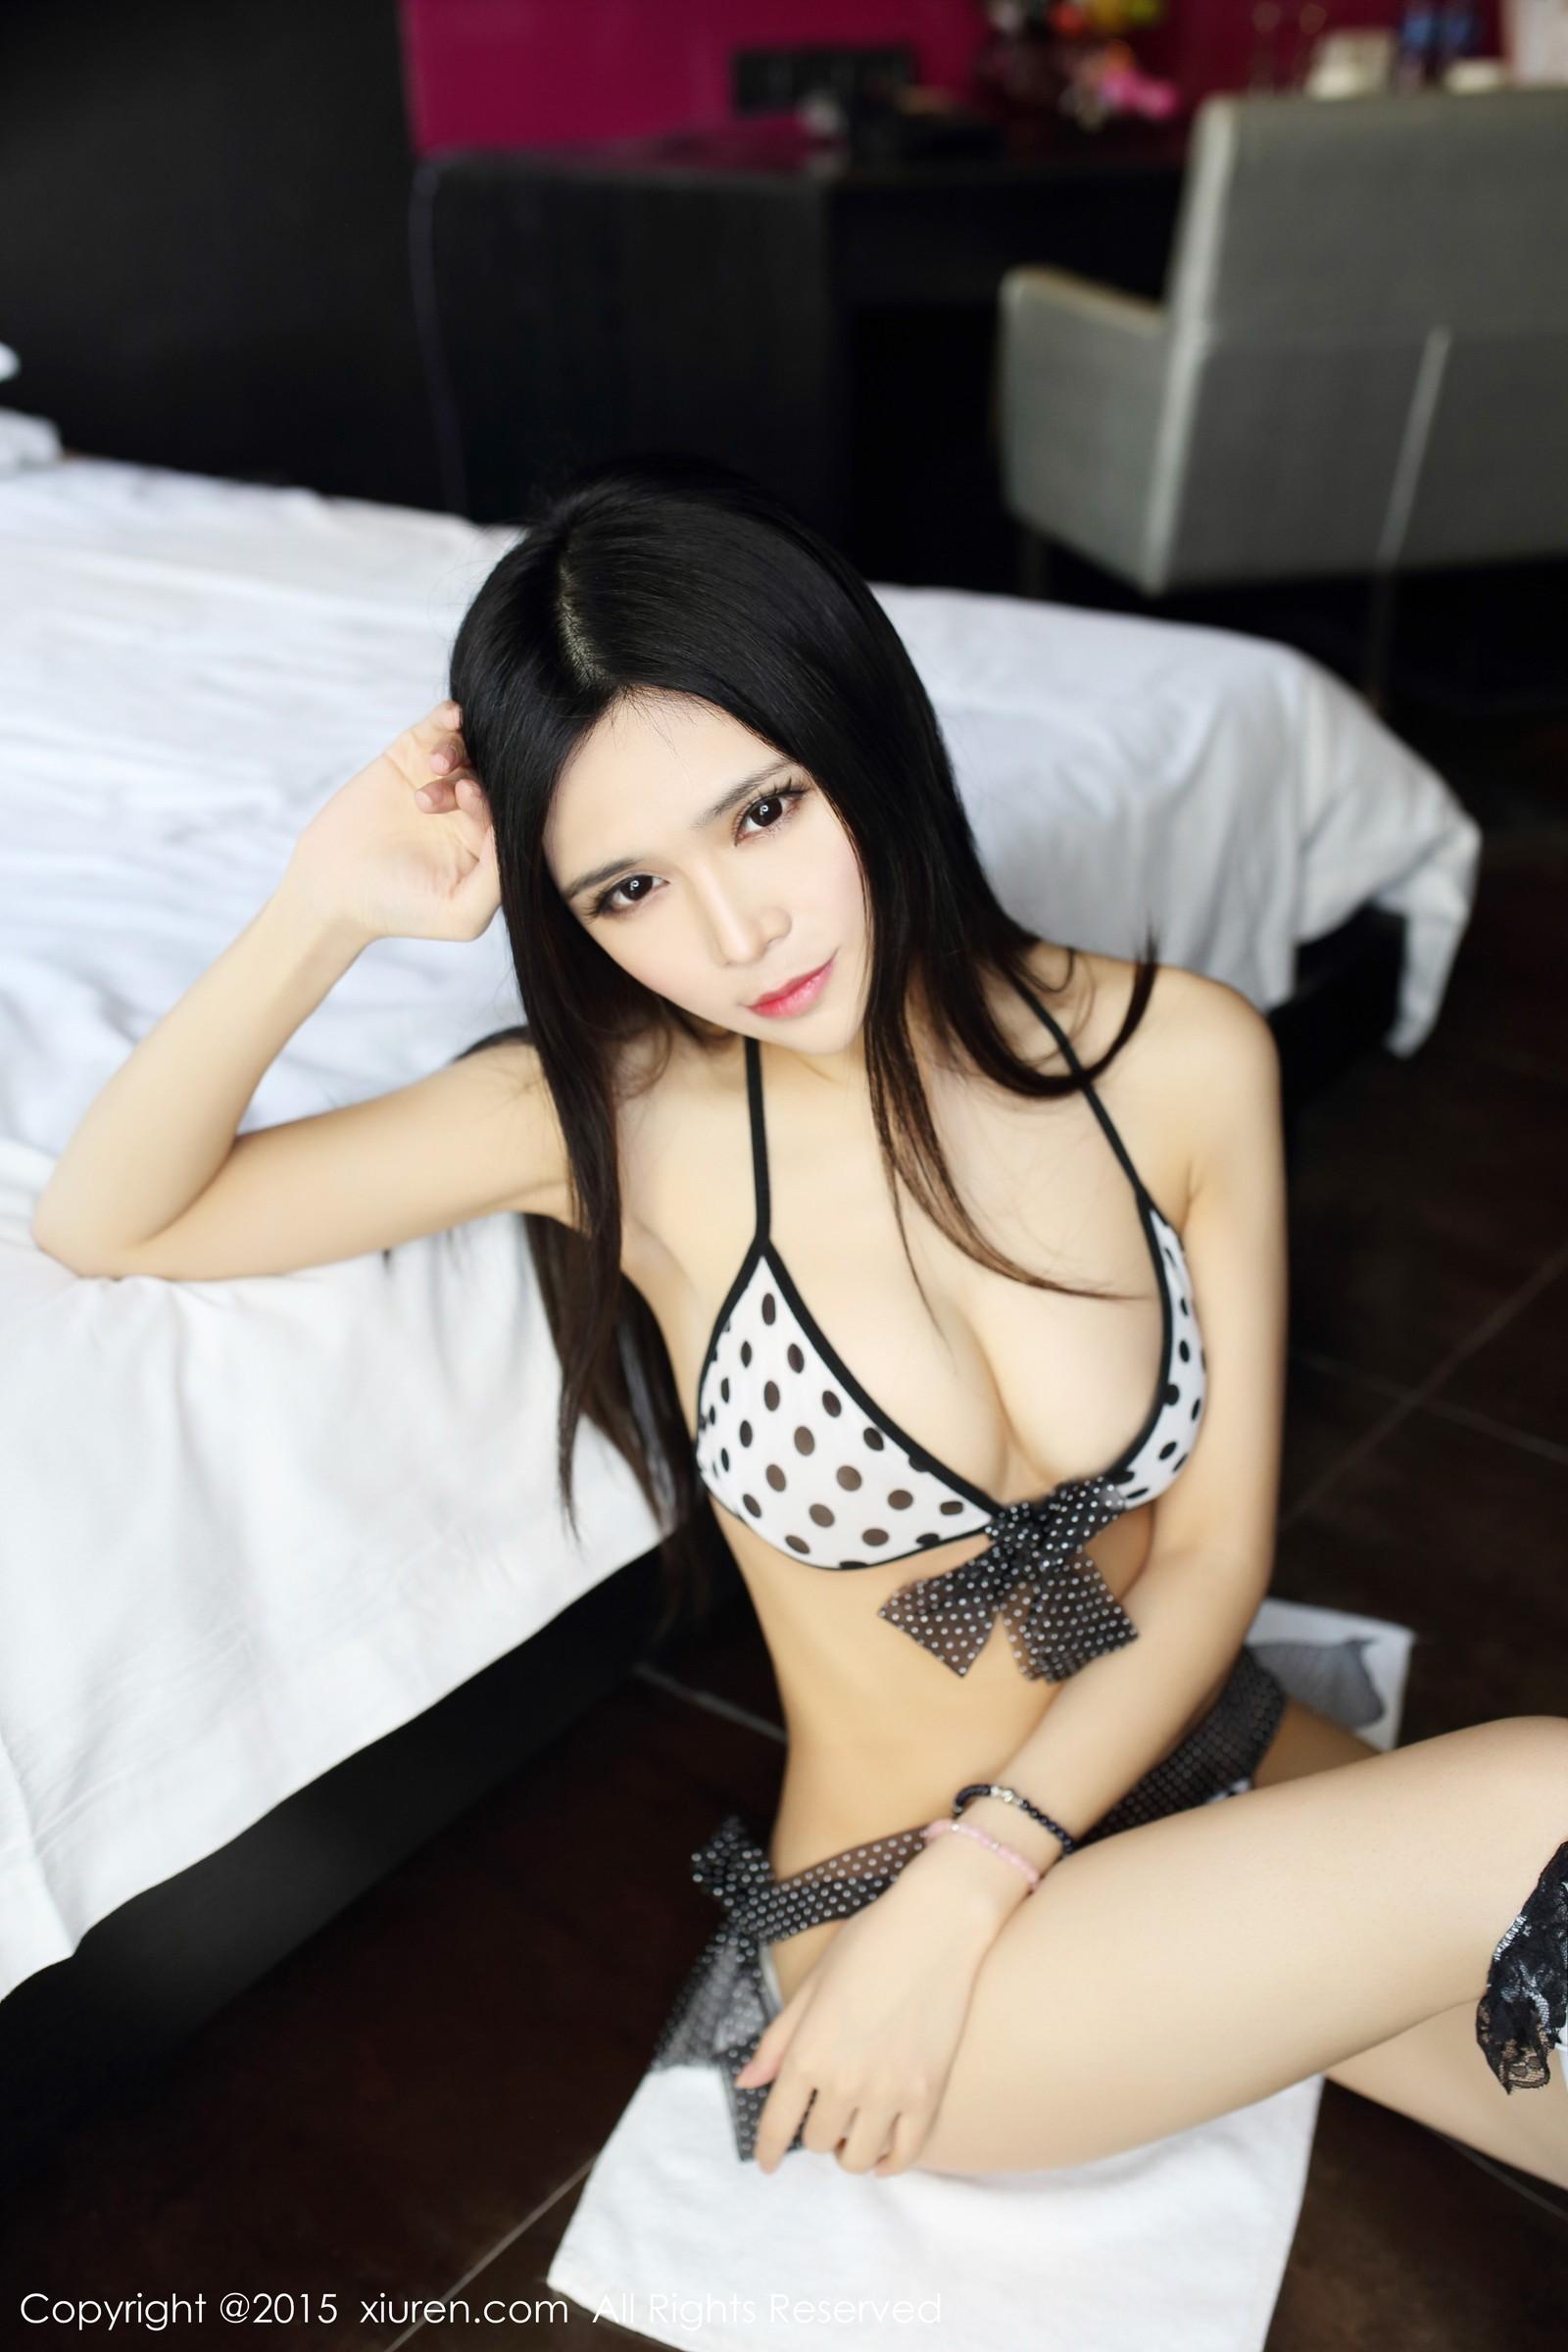 【写真集】【张美荧】美女佳人张美荧嫩白双乳美体诱惑【44P】 写真集